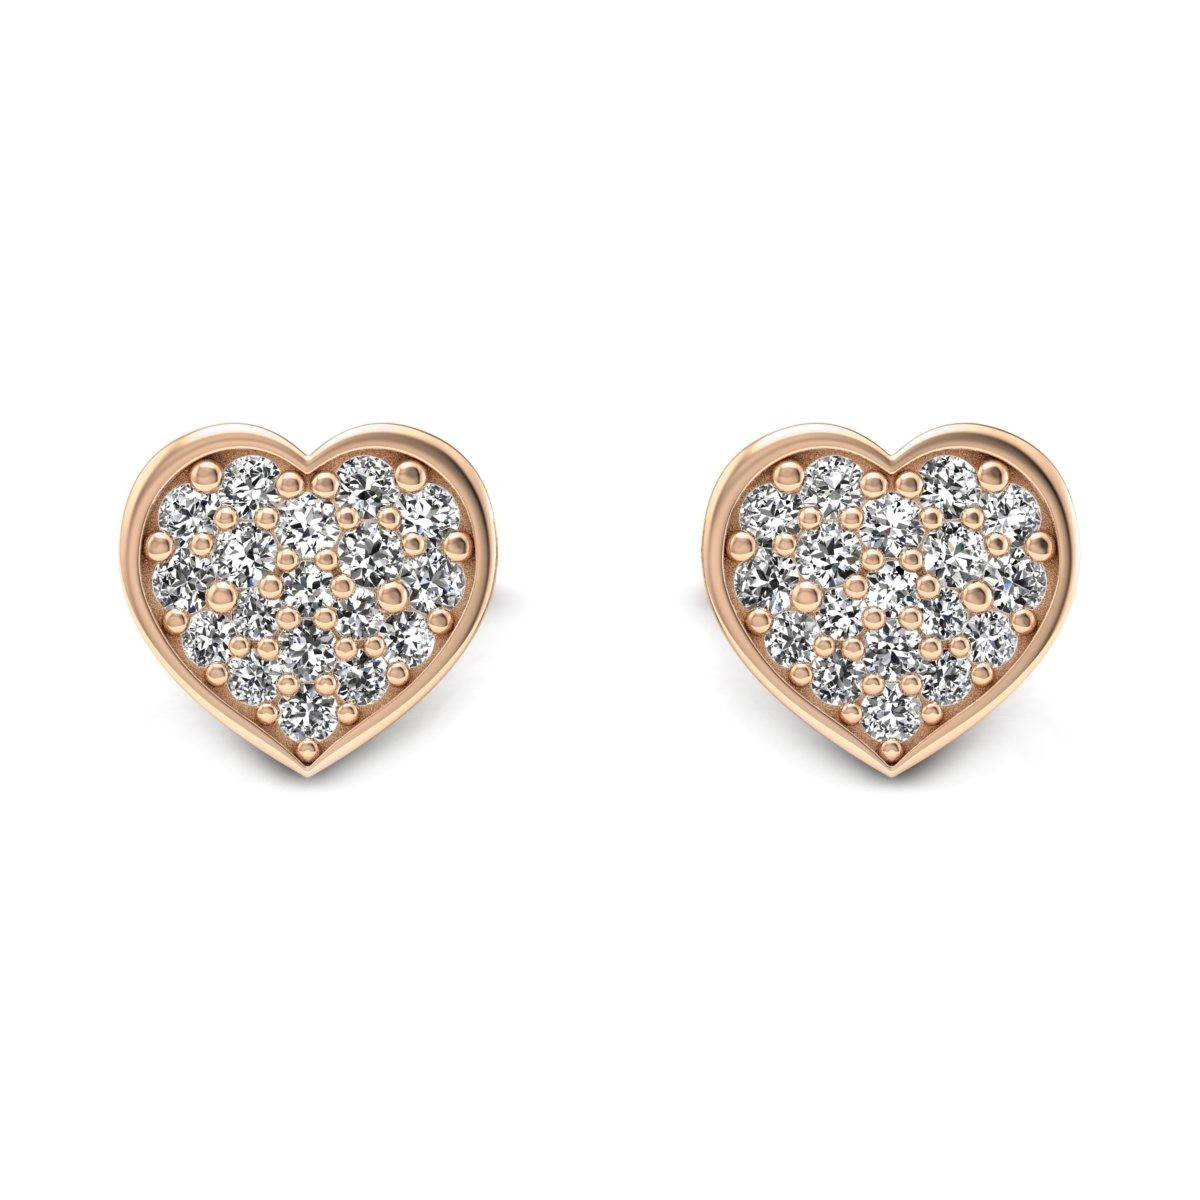 Heart - Kolczyki z diamentami różowe zloto